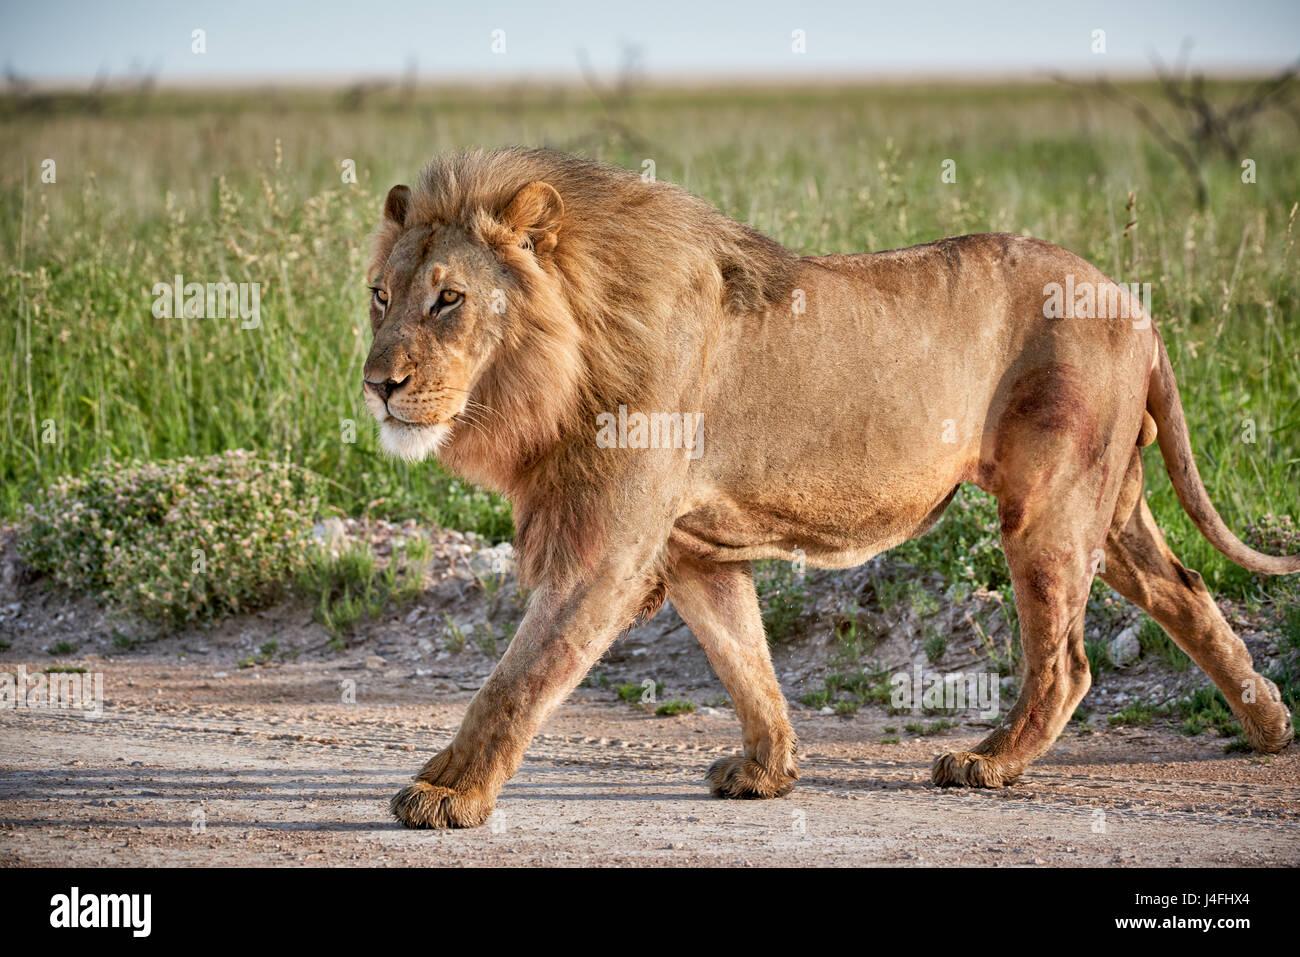 männlicher Löwe (Panthera Leo) patrouillieren durch die Gegend Stockbild